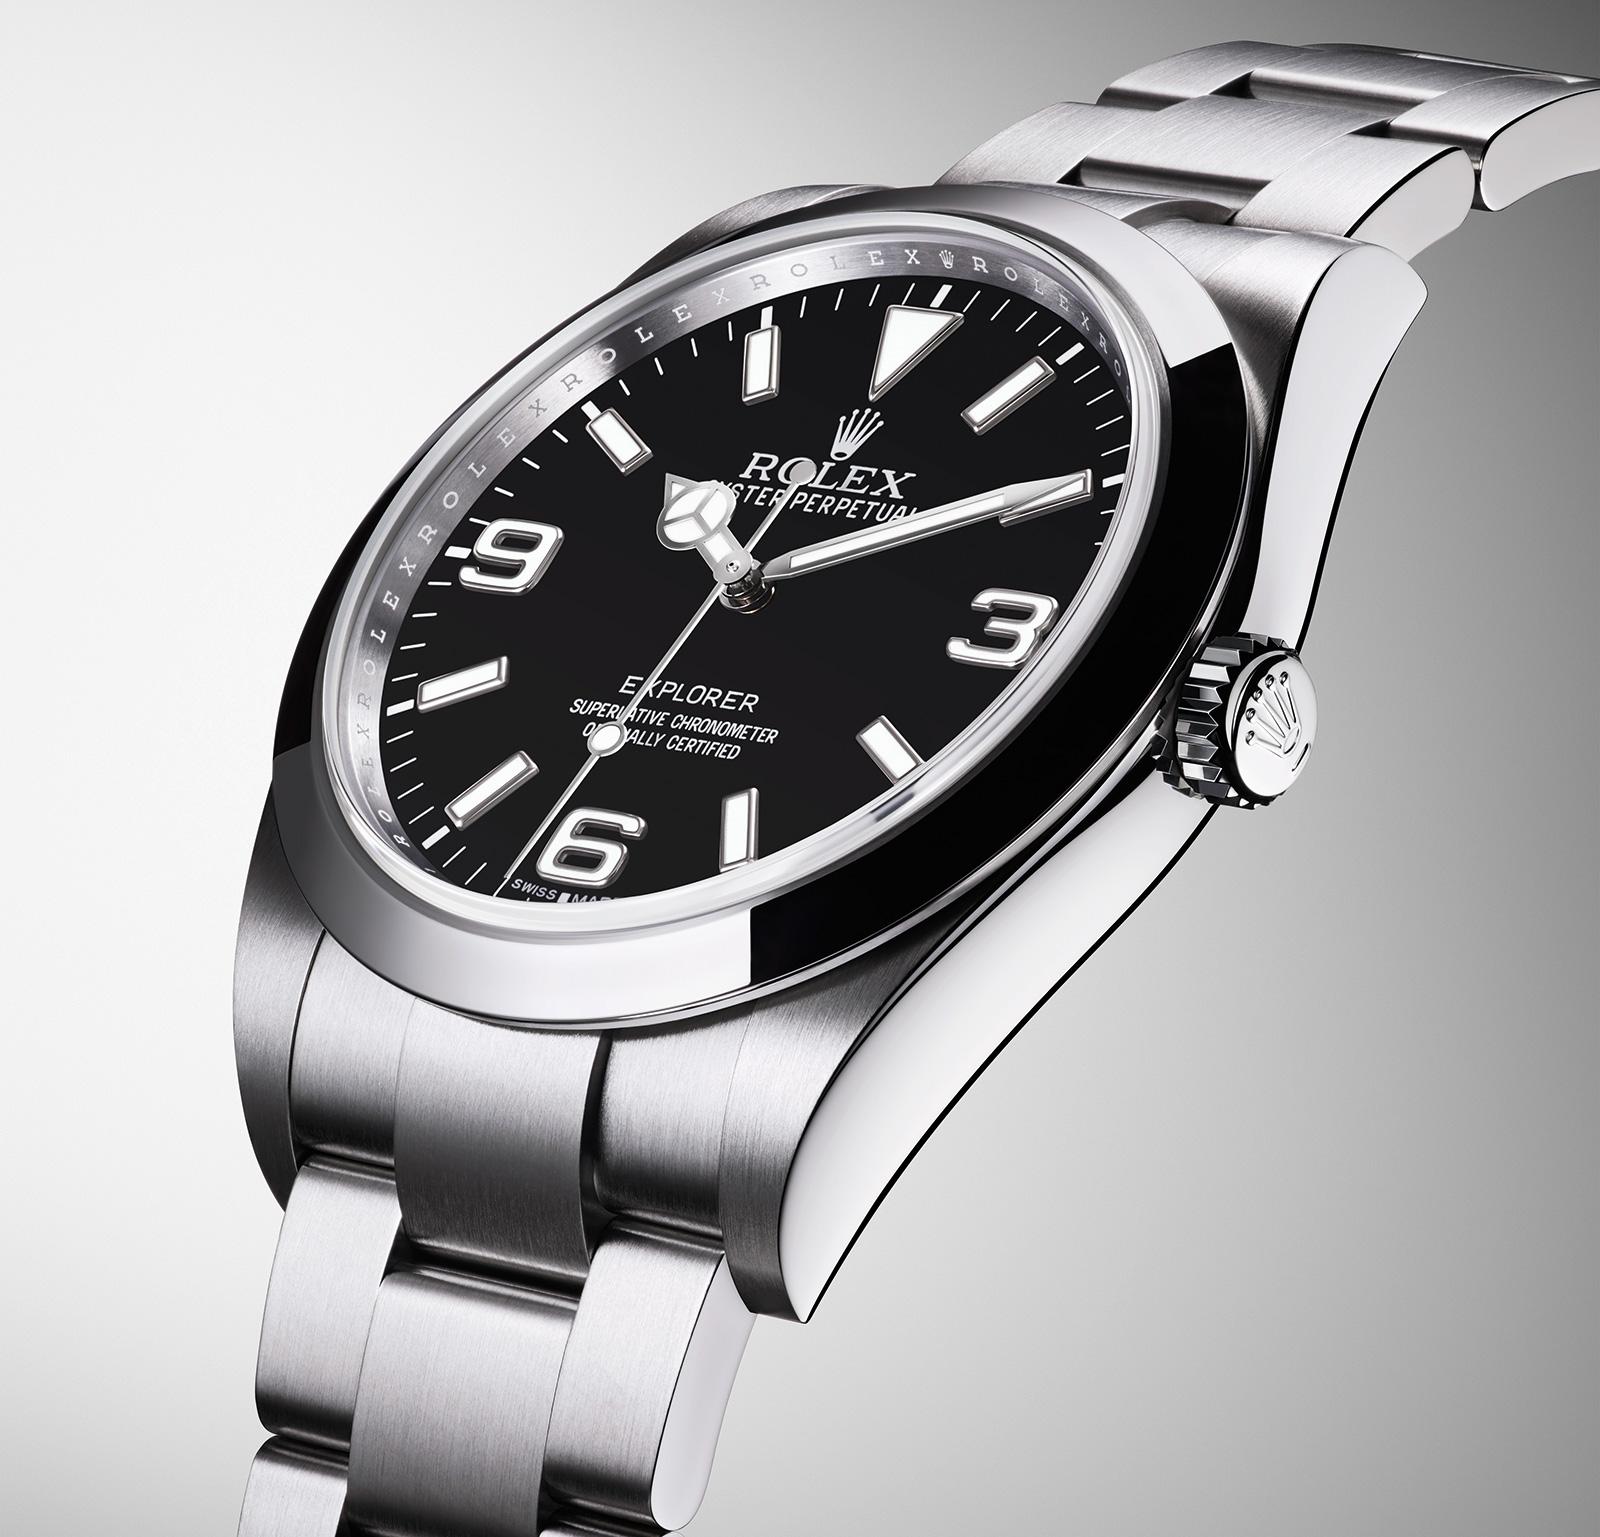 Rolex Explorer ref. 214270 - 3